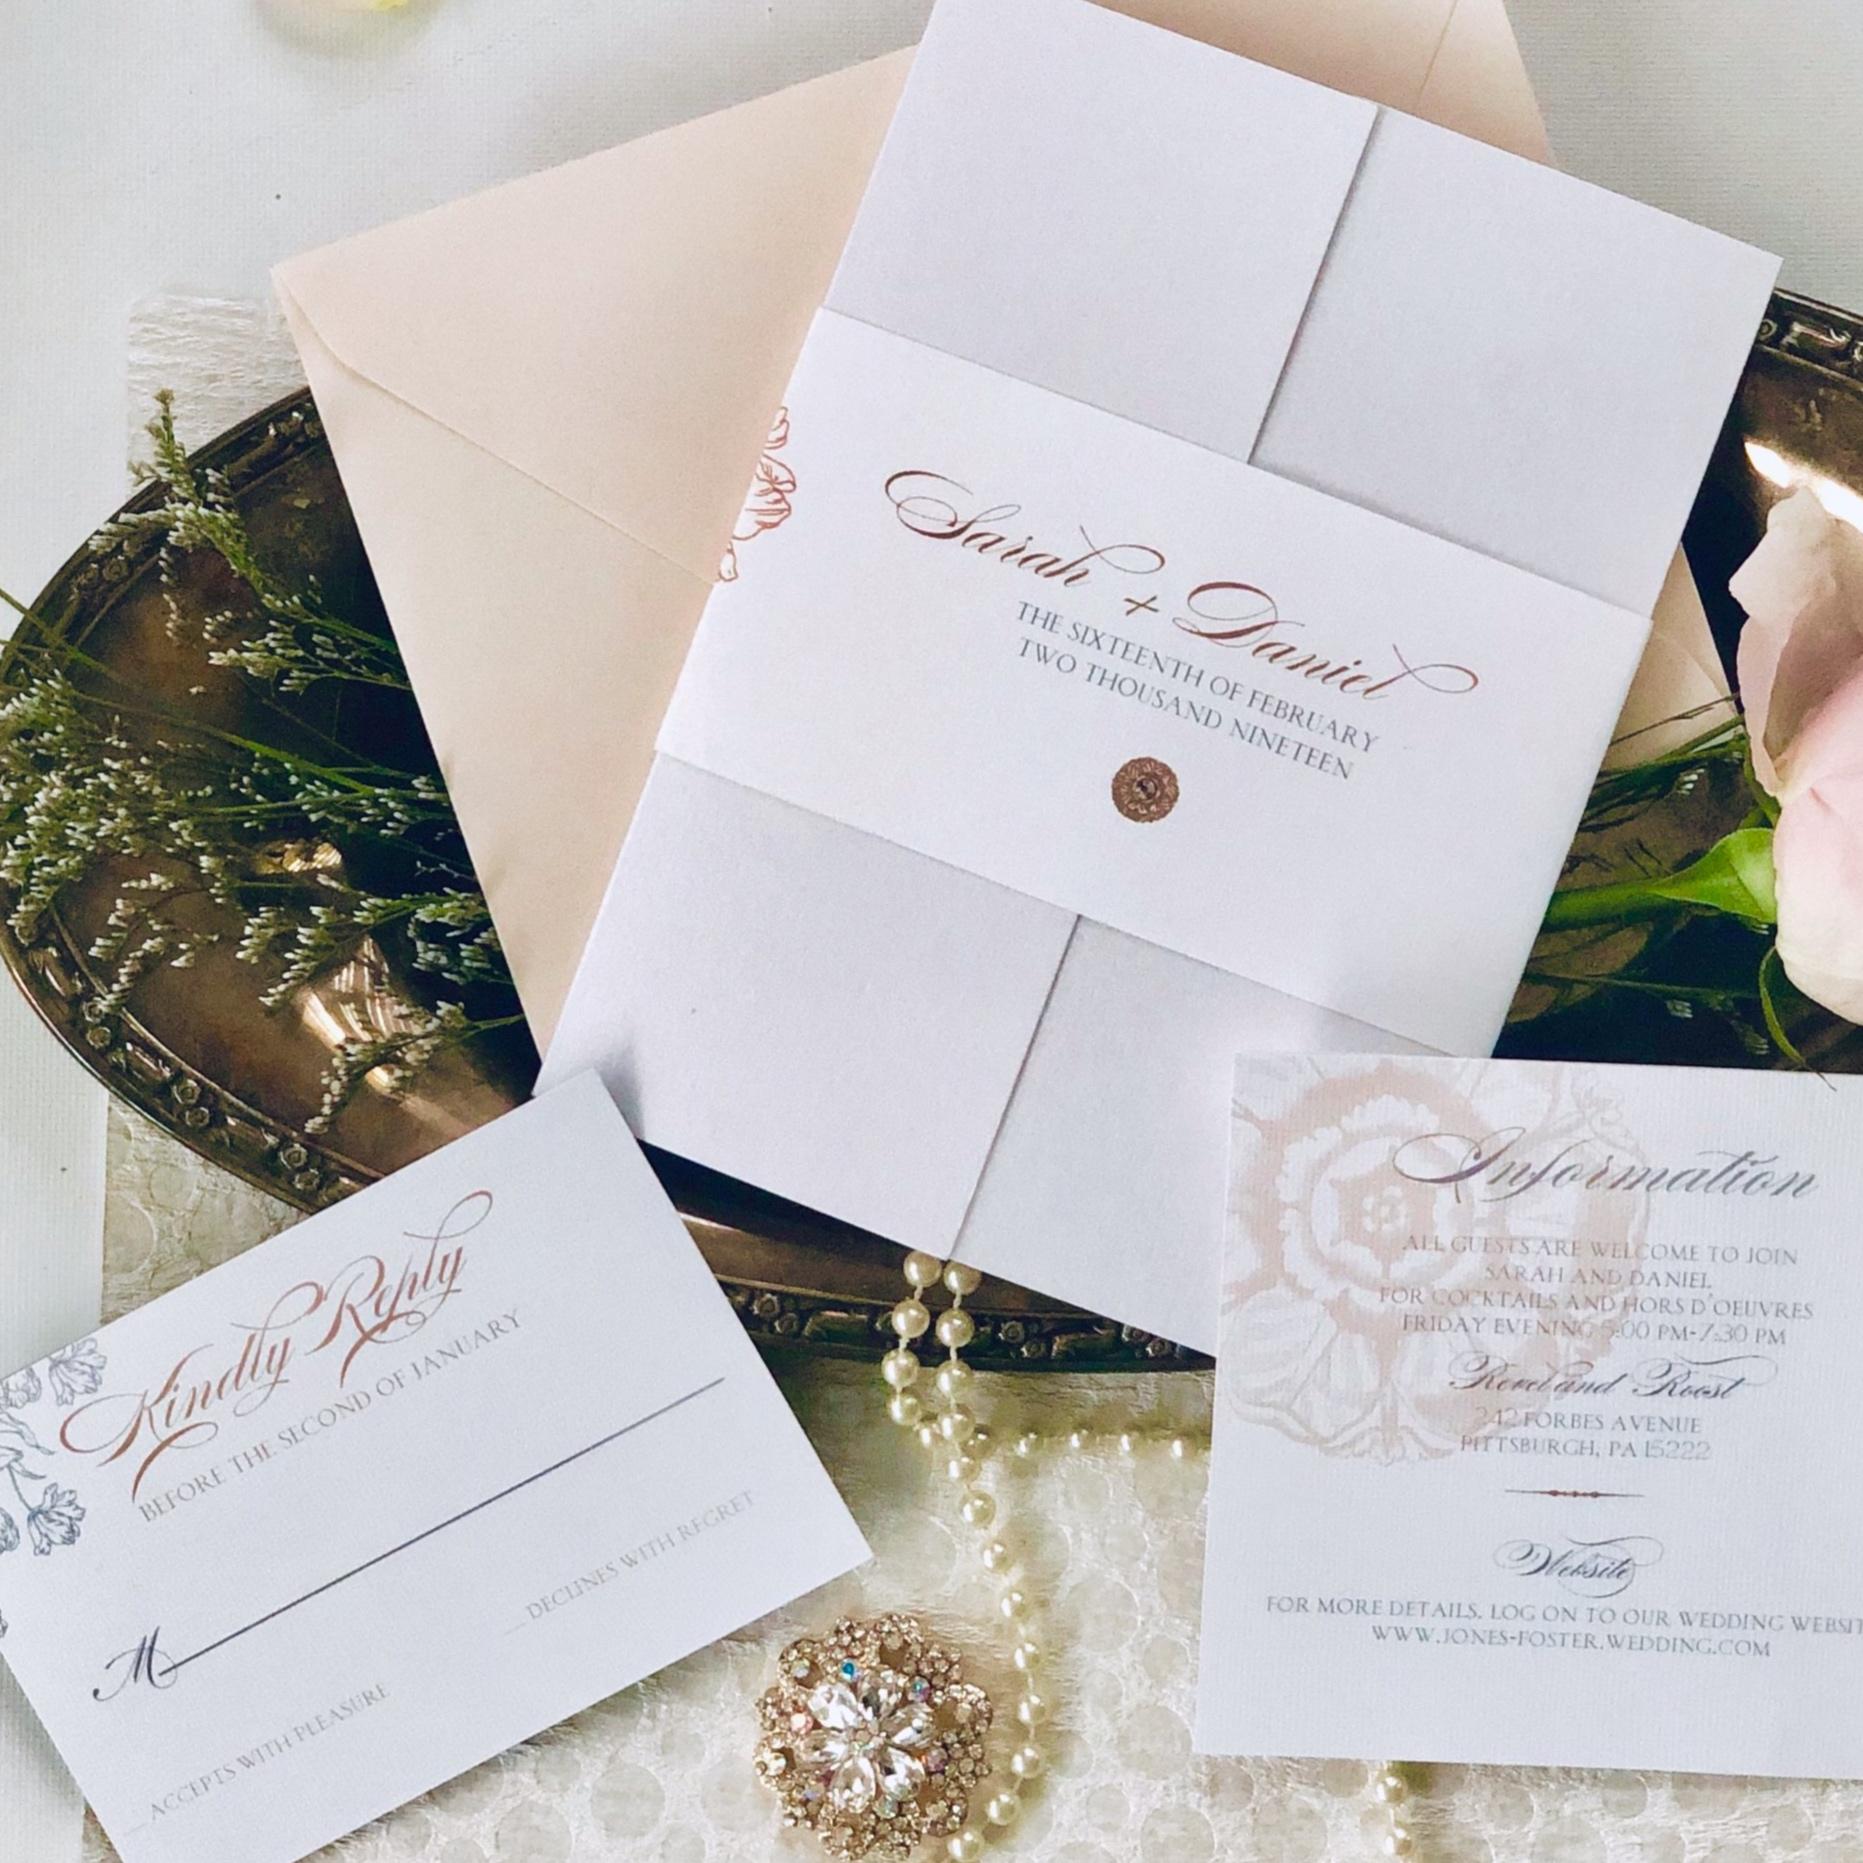 rose-gold-floral-pocket-invitation-by-k-flowers-designs